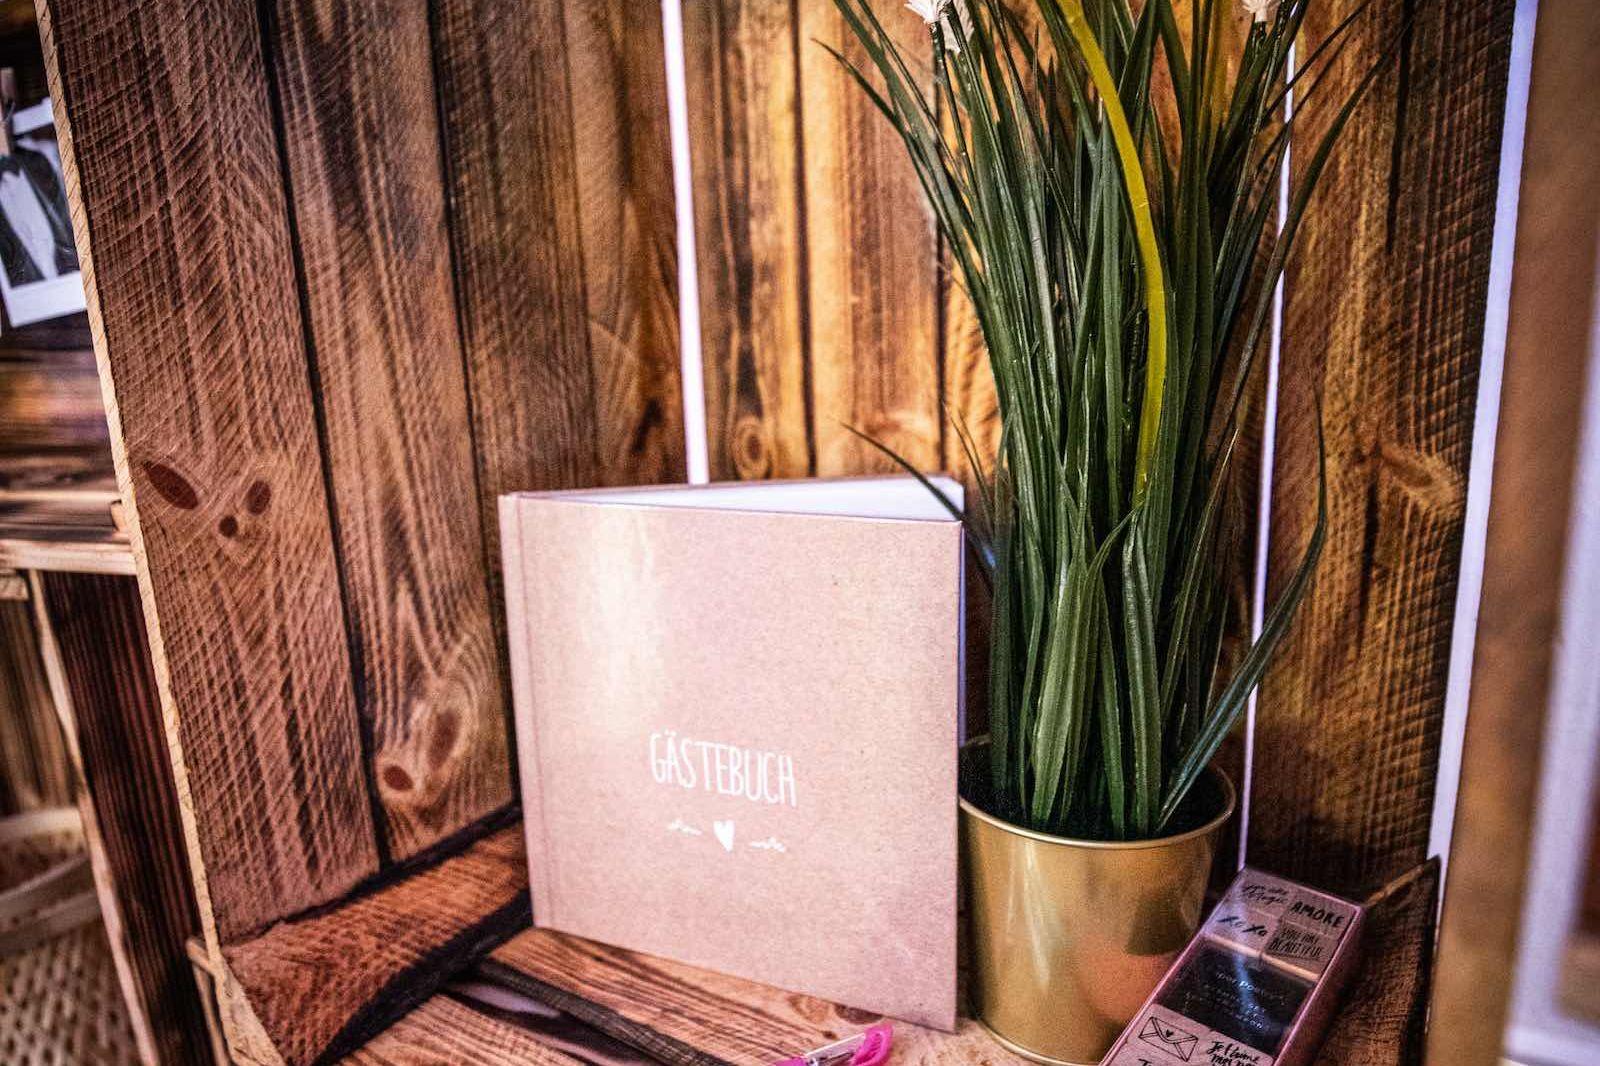 Kamera | Mieten | Gästebuch | Polaroid | Sofortbildkamera | Hochzeit | Firmenfeier | Set | Bundle | Buchen | Mieten | Anfragen